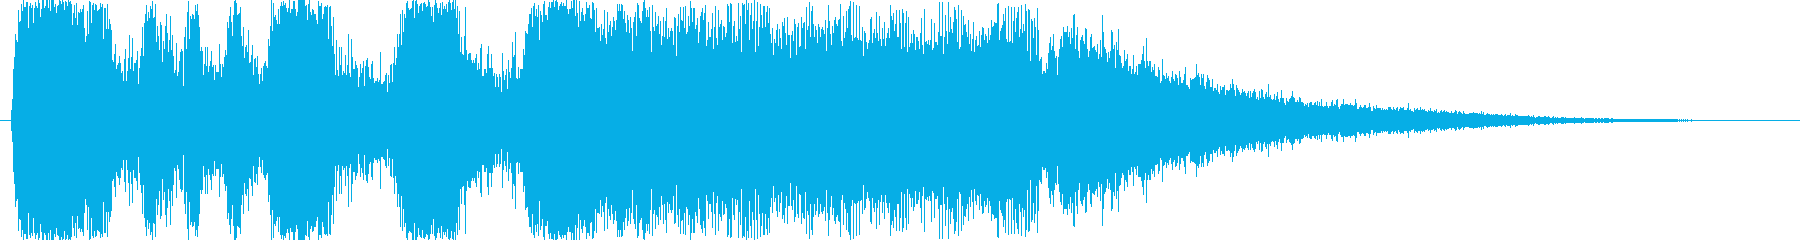 ファンファーレ!の再生済みの波形